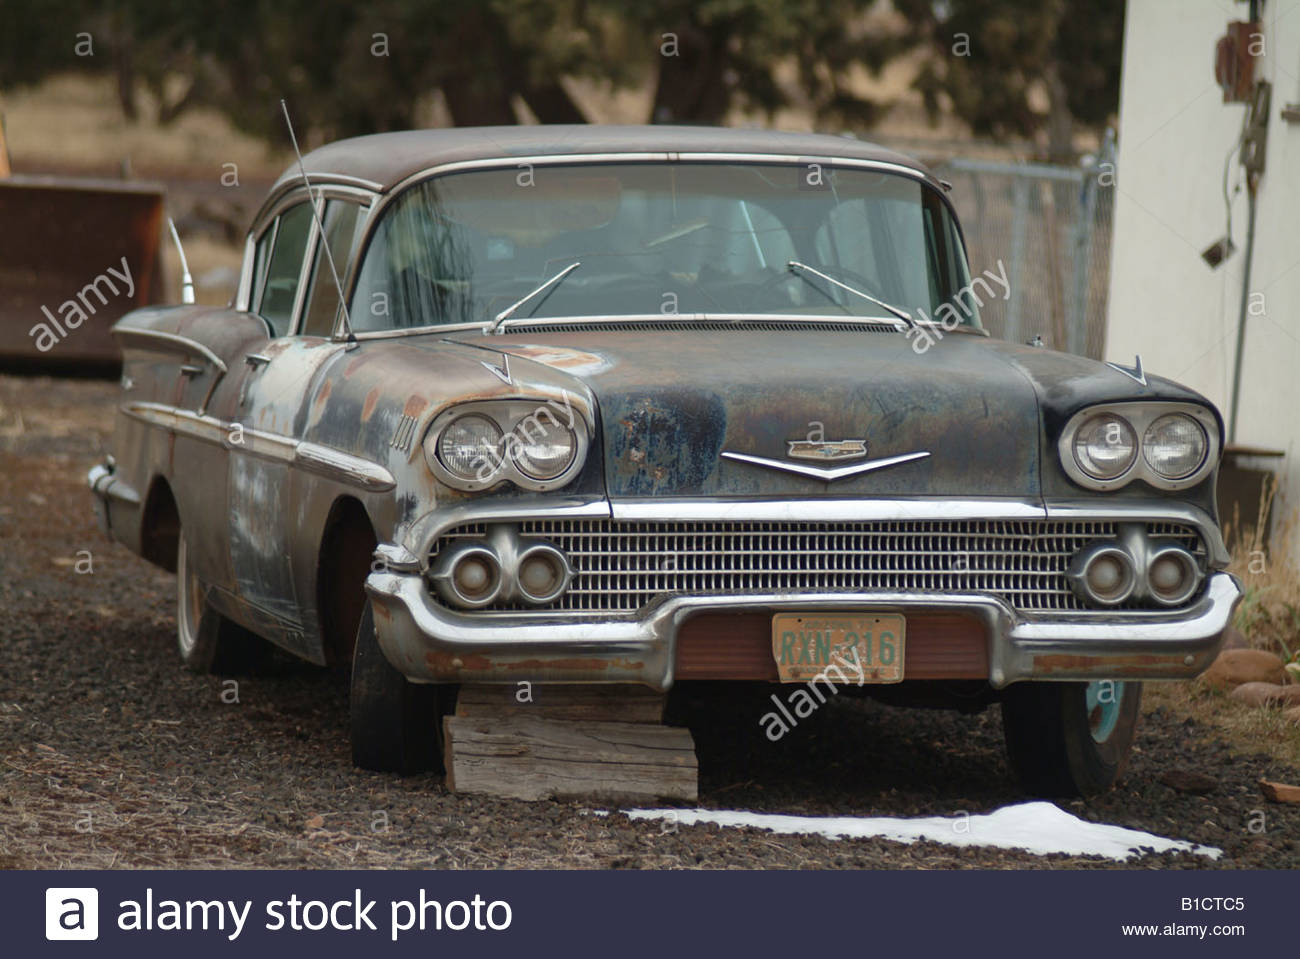 Risultati immagini per old 50s car